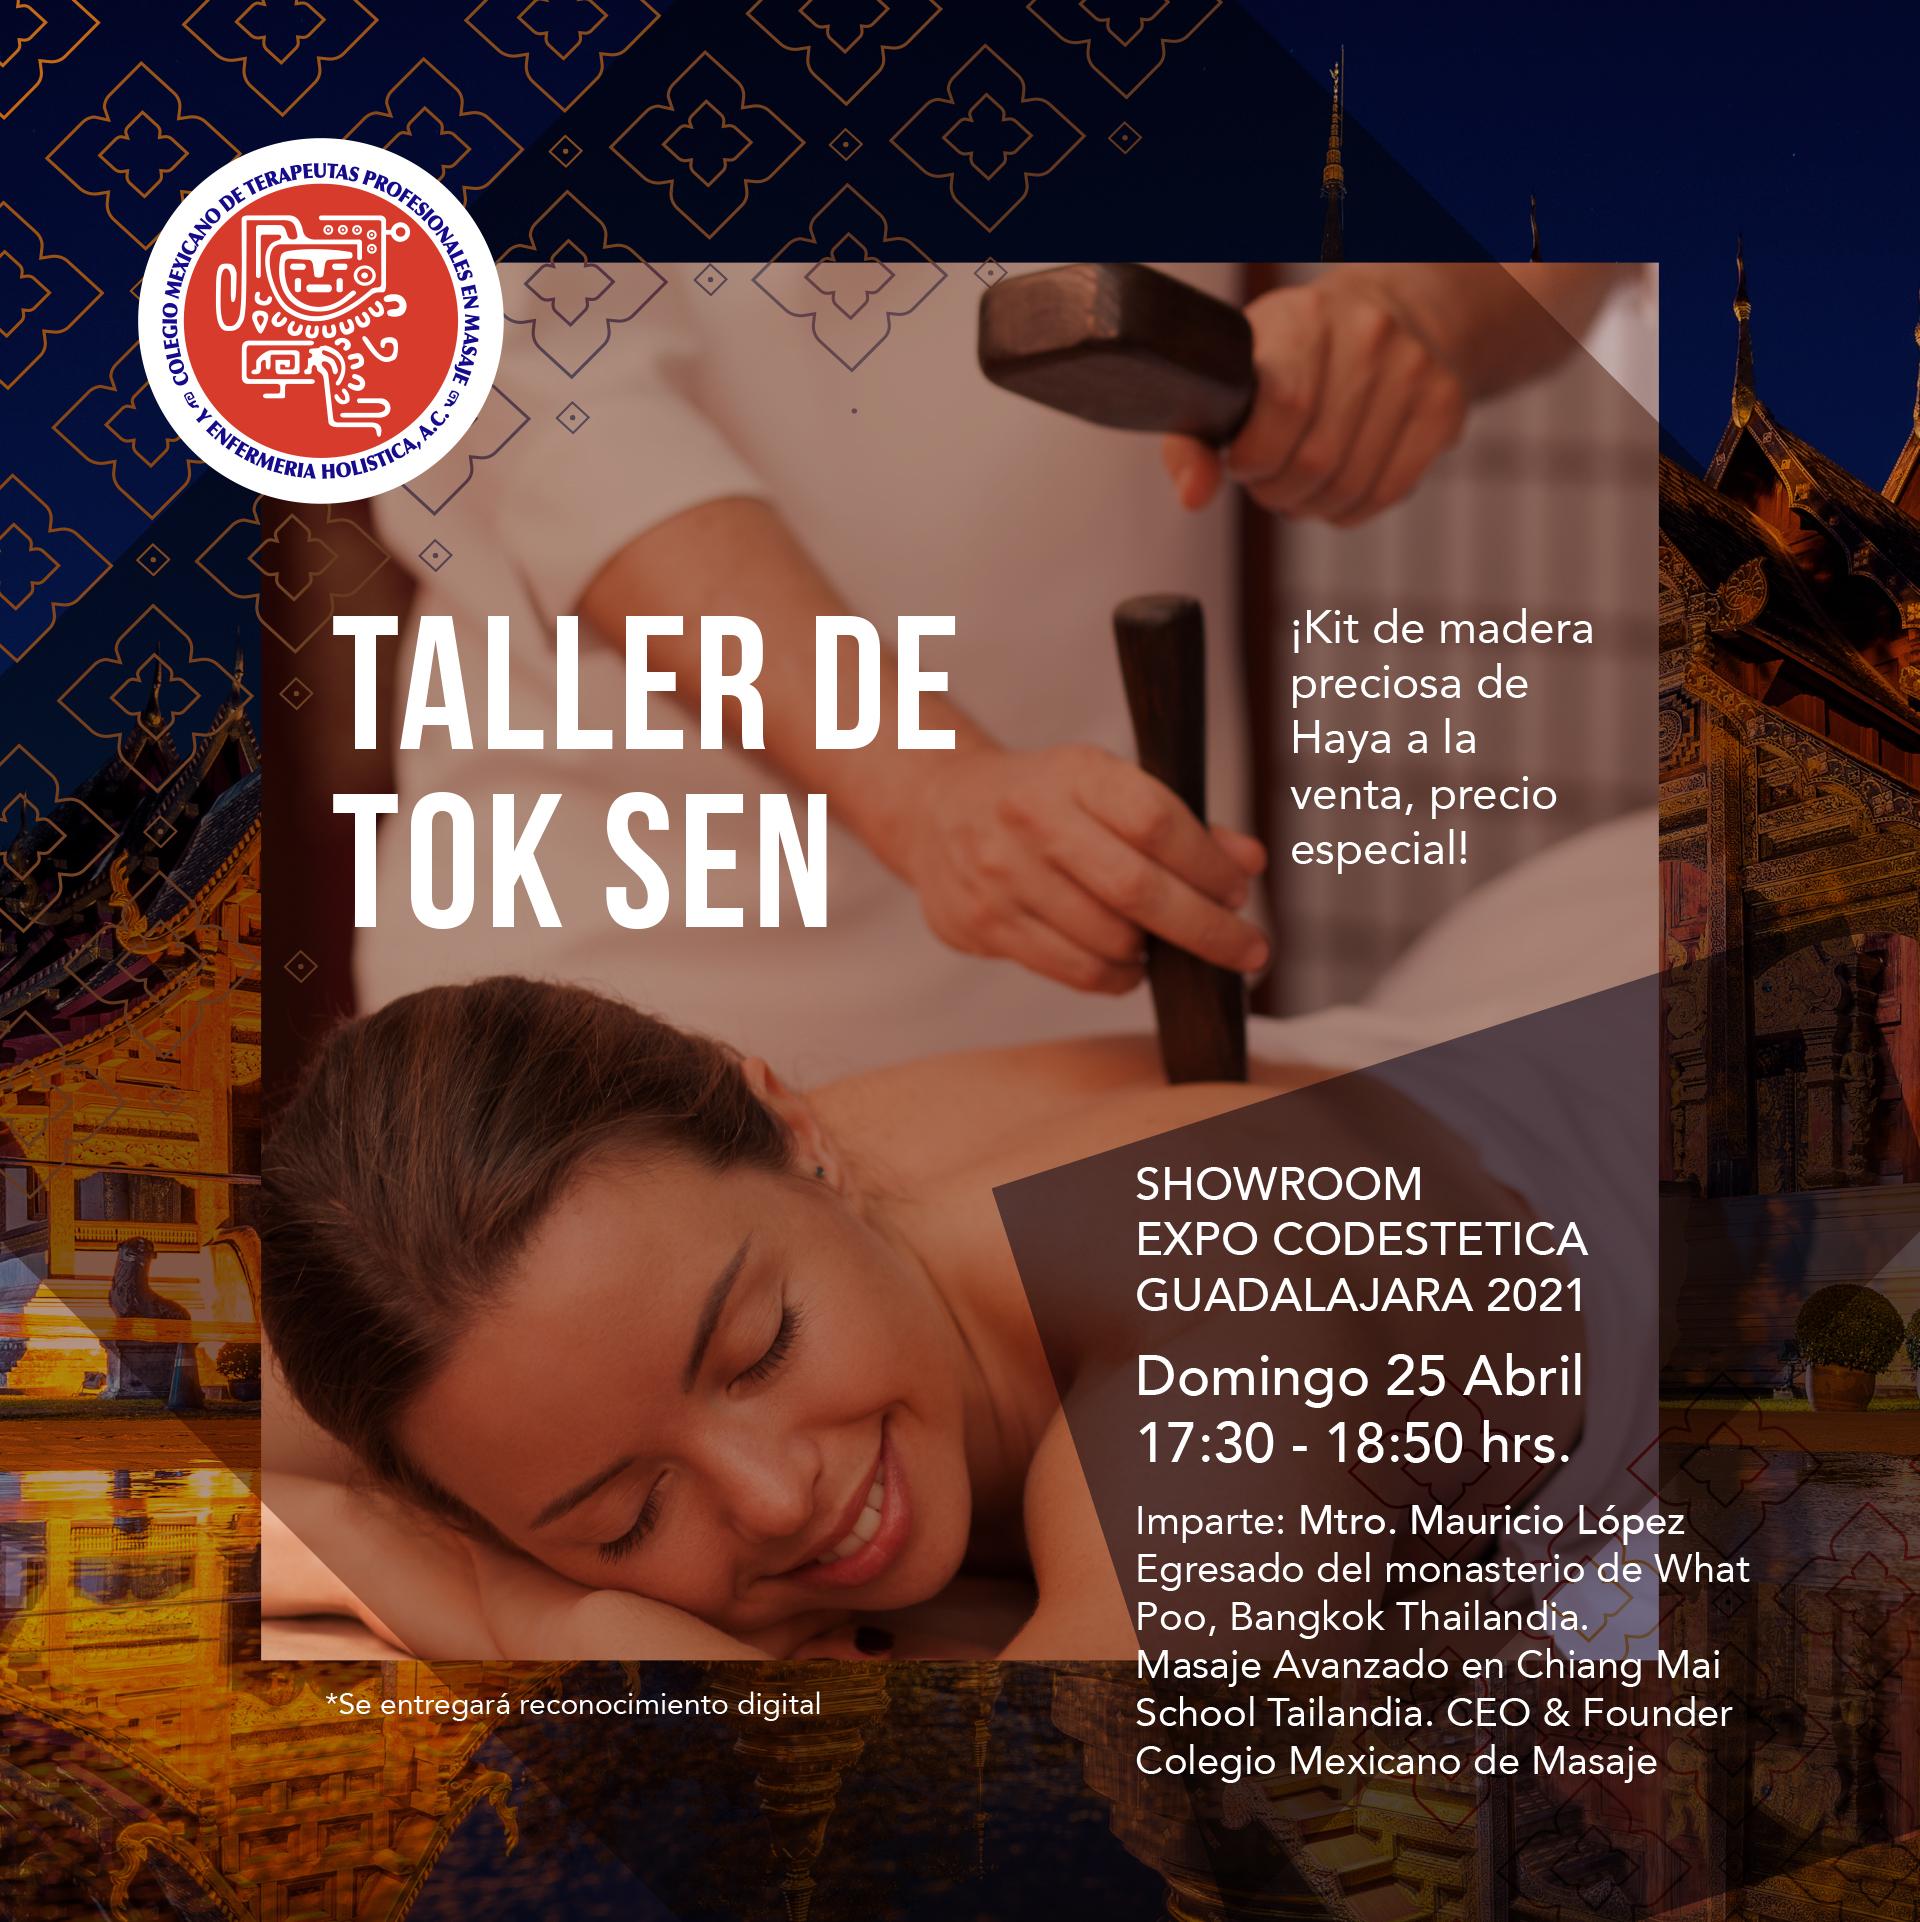 TALLER DE TOK SEN